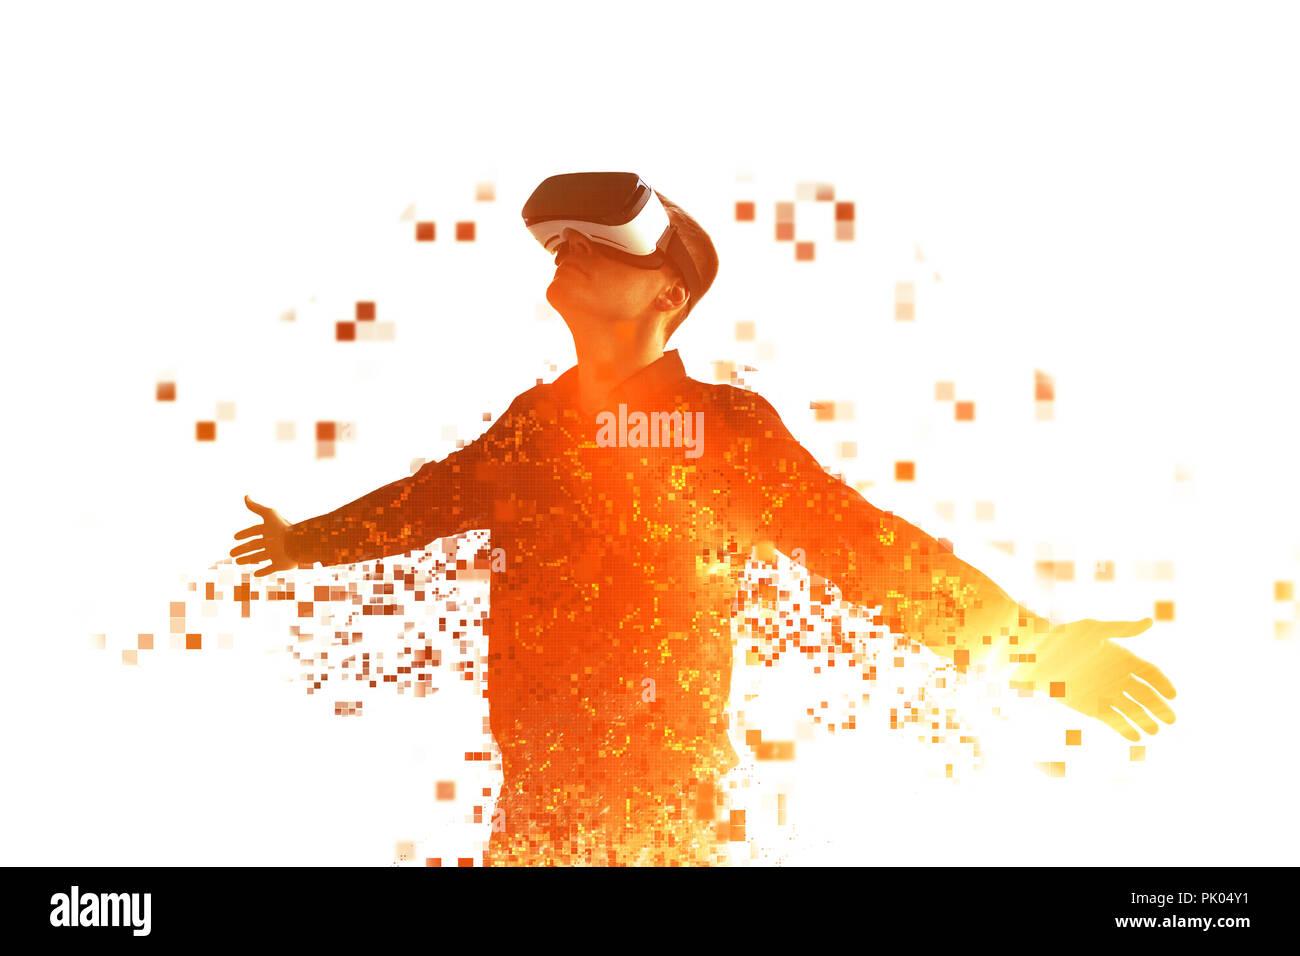 Una persona in realtà virtuale bicchieri vola a pixel. Il concetto di nuove tecnologie e le tecnologie del futuro. Occhiali VR. Immagini Stock